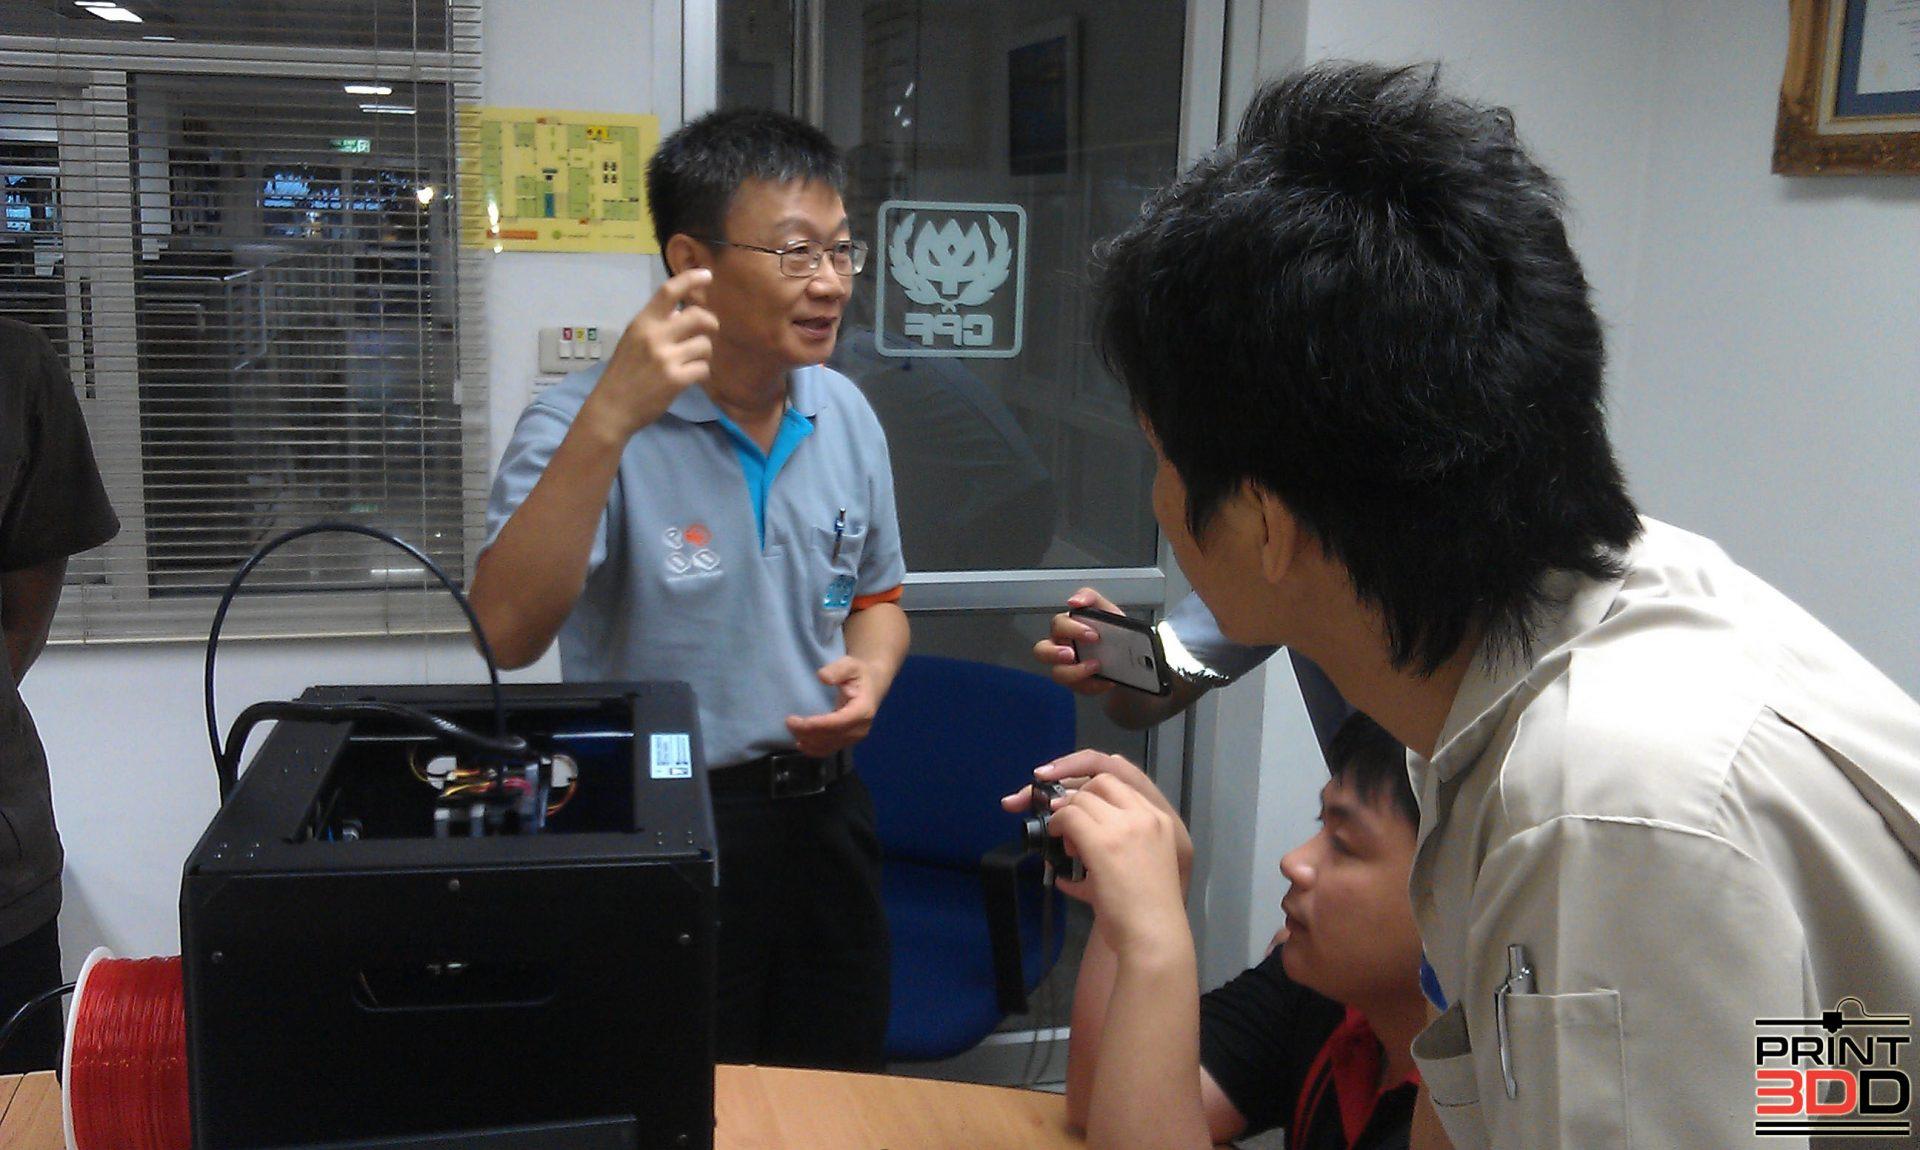 ลูกค้า Cpf Print3dd Thailand 3d Printer 3d Scanner Store